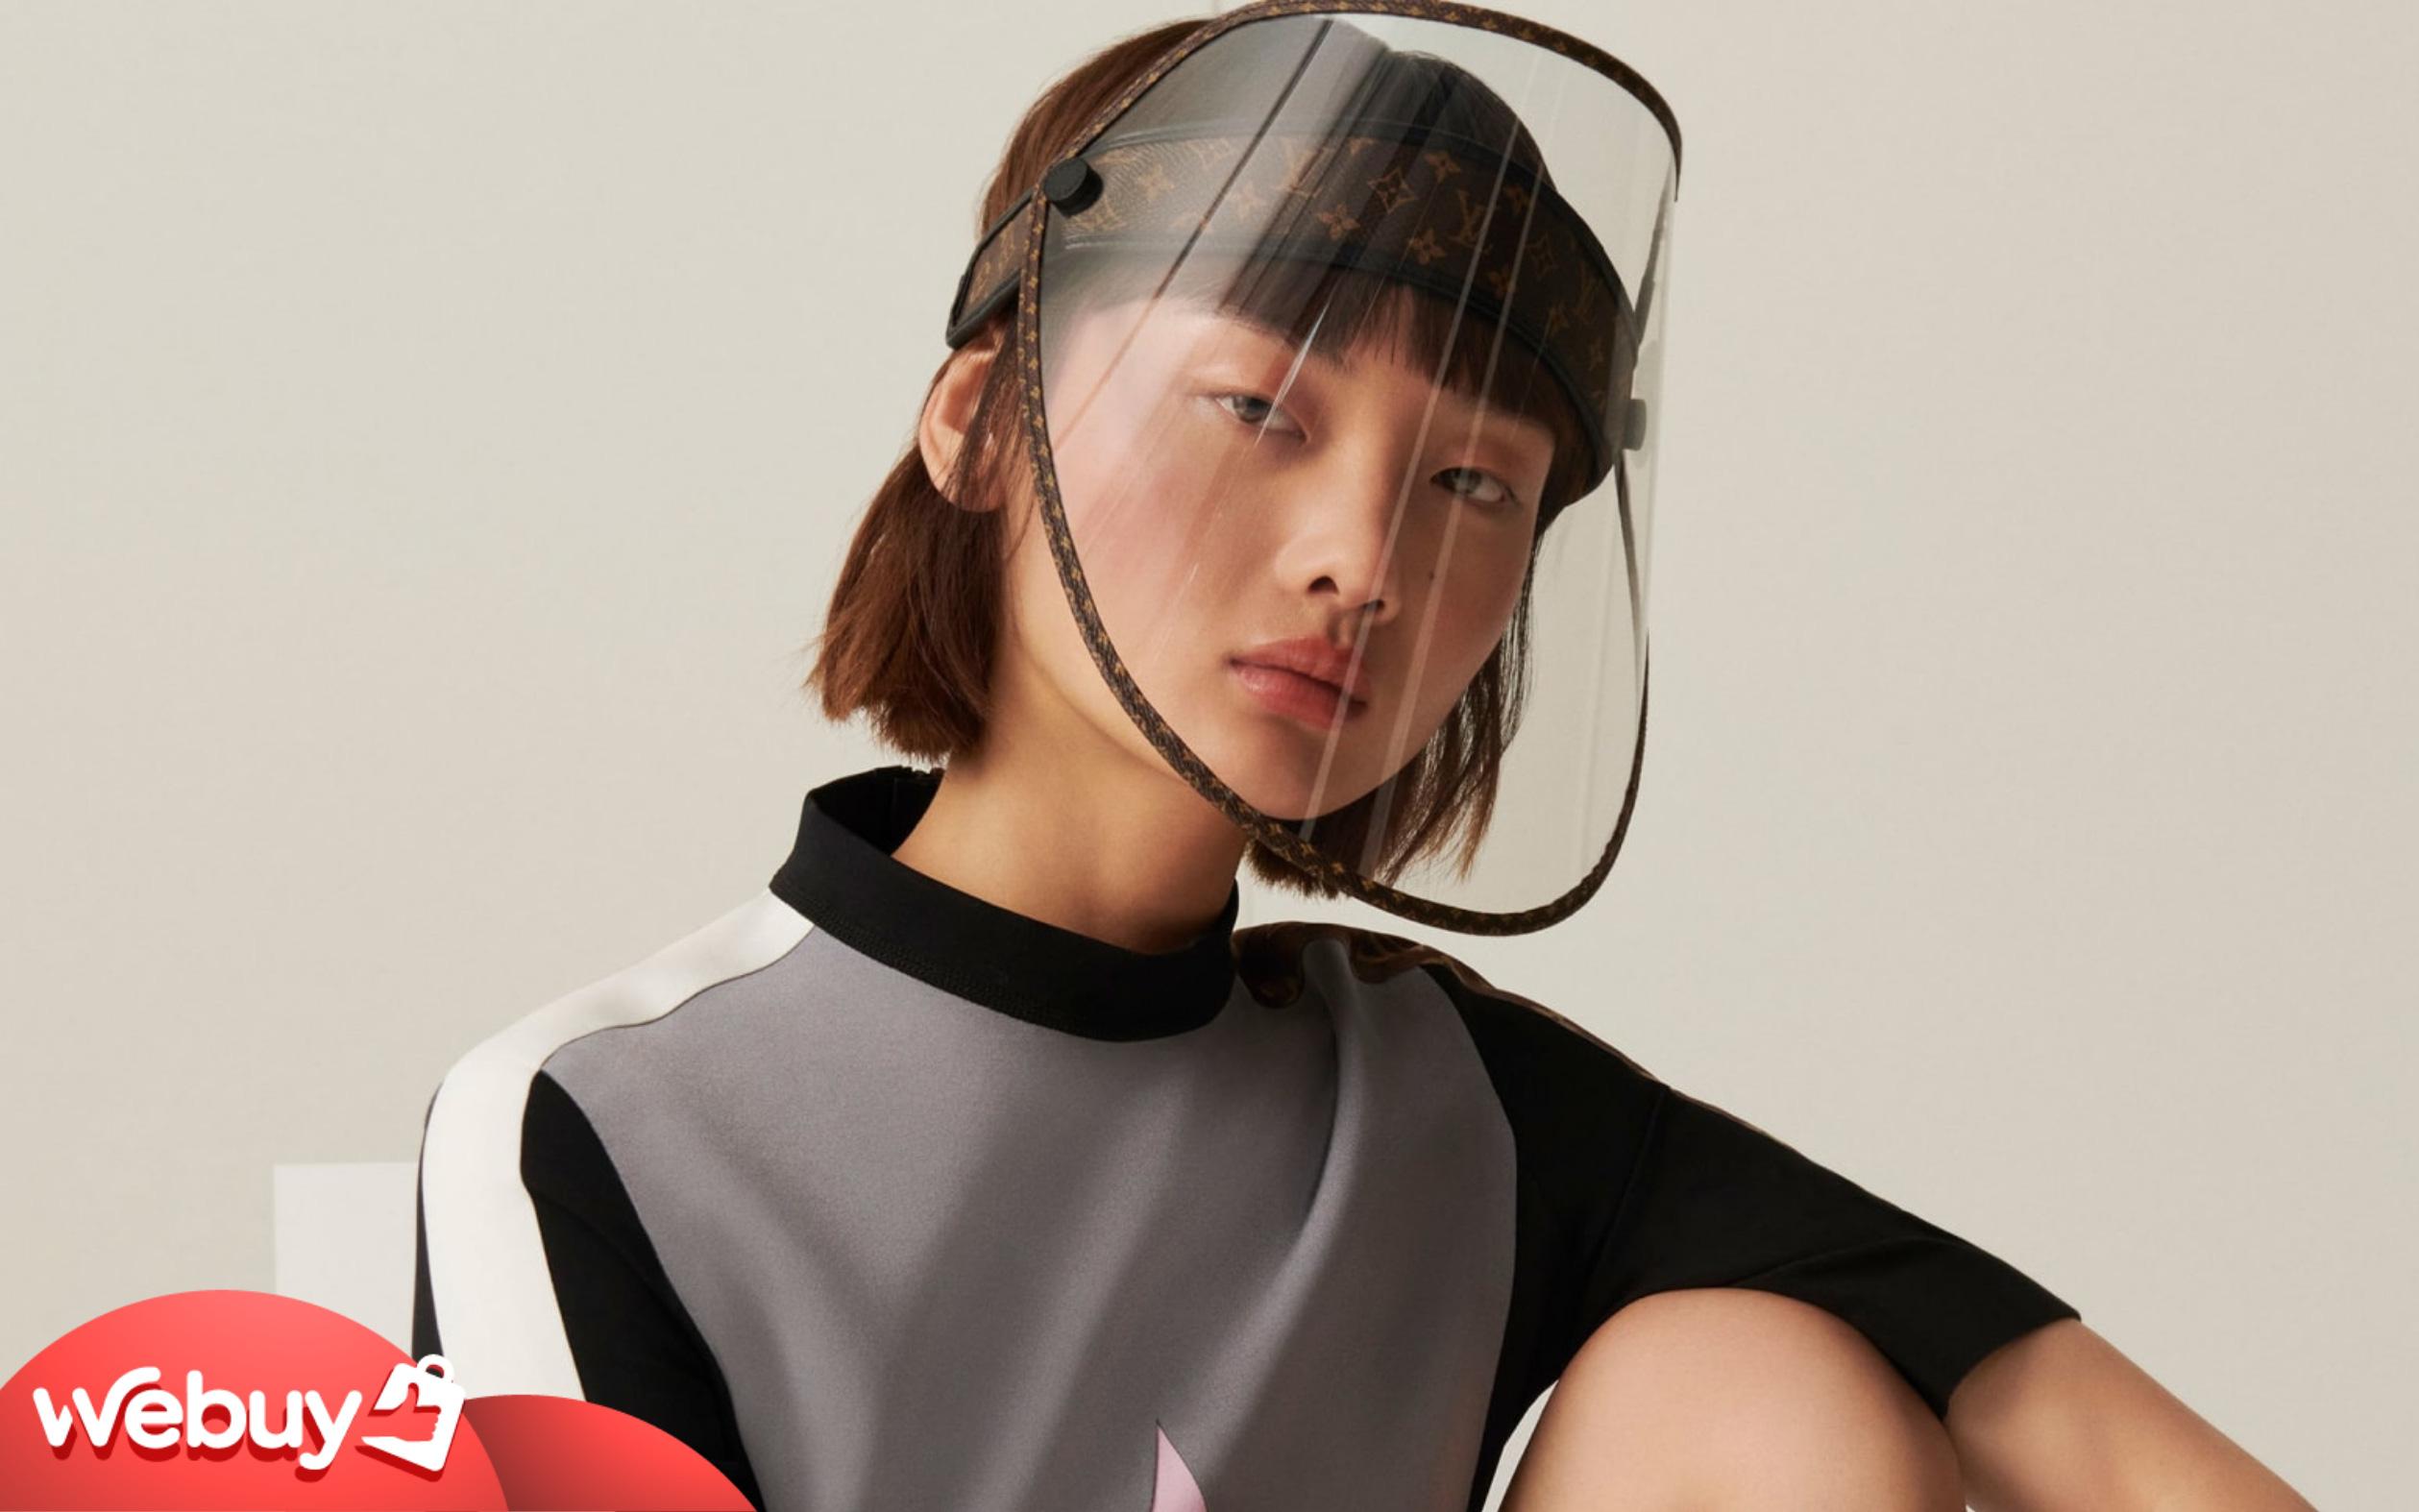 Chống dịch sang chảnh kiểu Louis Vuitton: Khiên che mặt nhìn vô cùng tầm thường, gắn thêm logo LV vào là giá độn lên cả nghìn đô